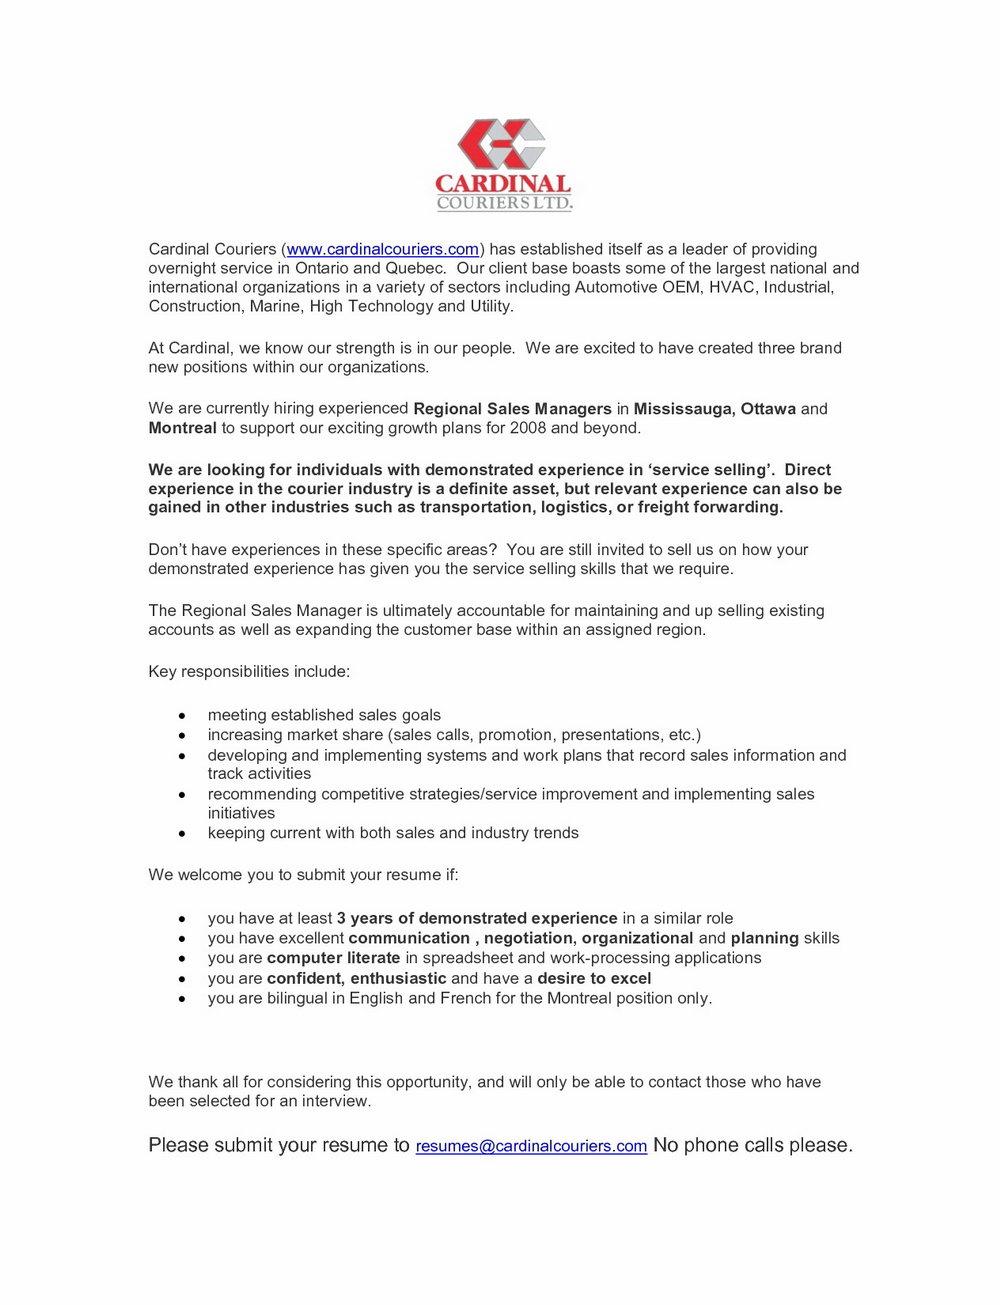 Sample Resume For Hvac Technician